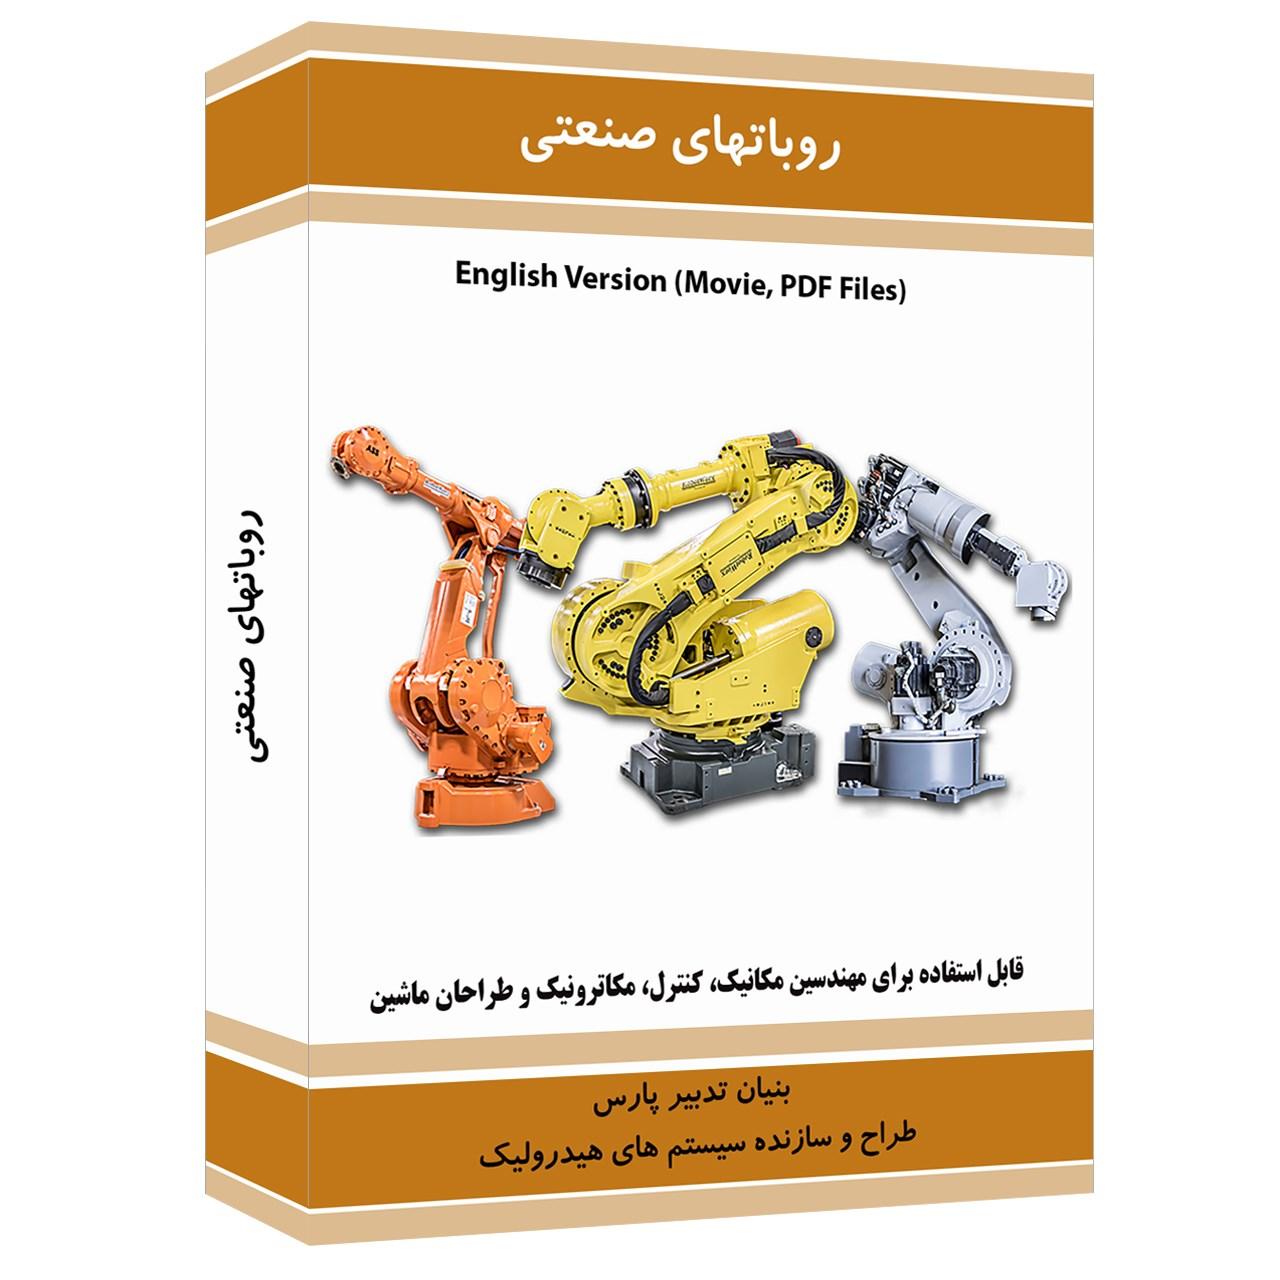 نرم افزار آموزش روبات های صنعتی نشر نوآوران